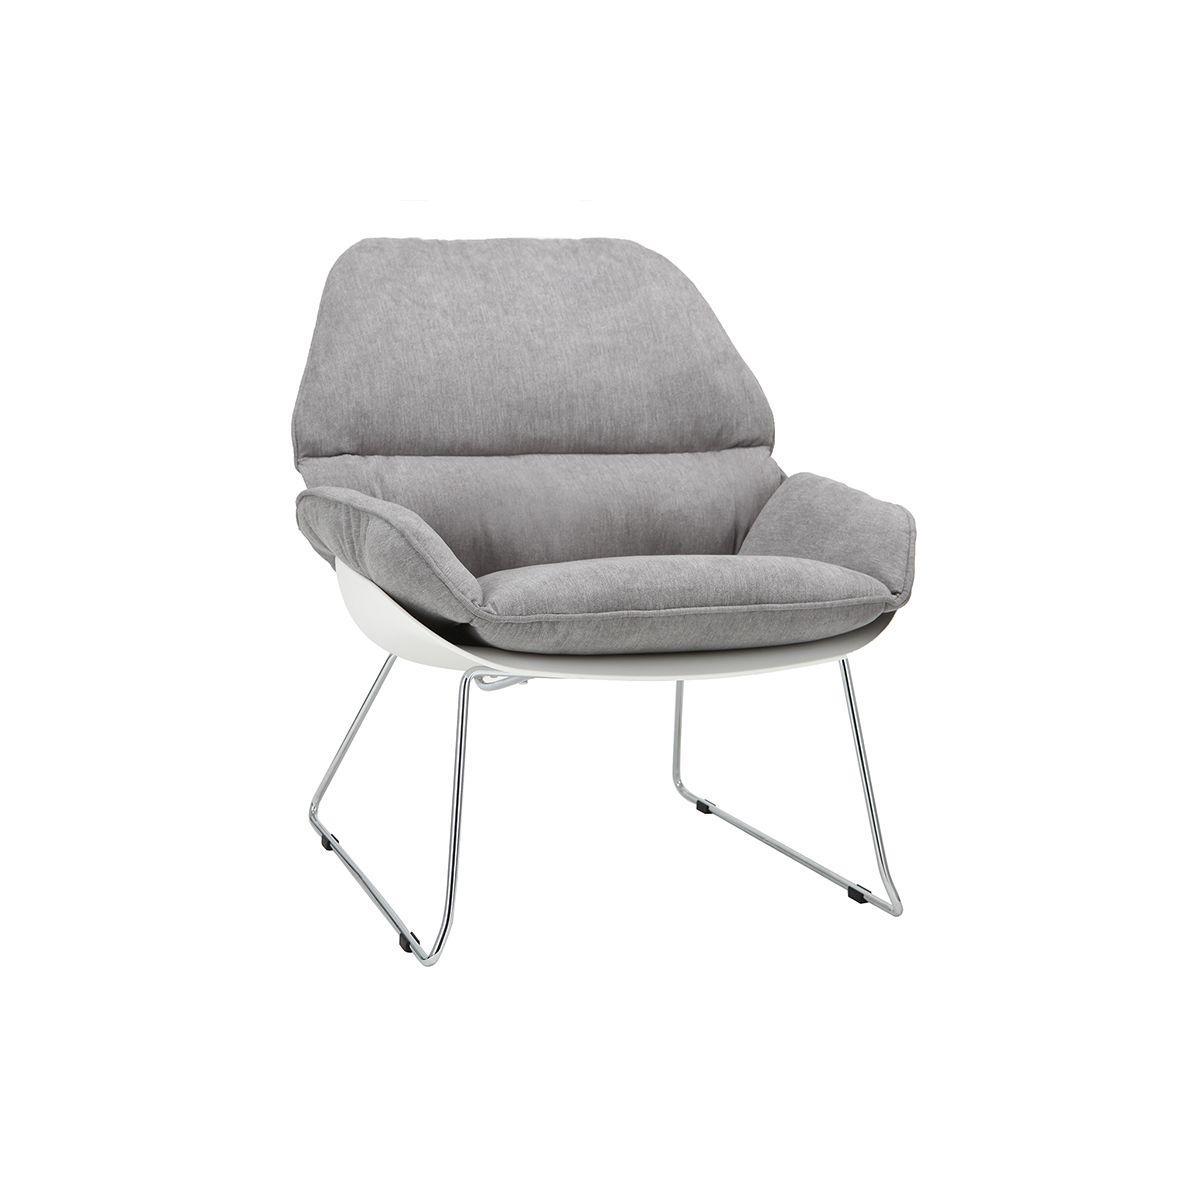 a47f98323 Sillón moderno parte exterior blanca y tejido gris kokon